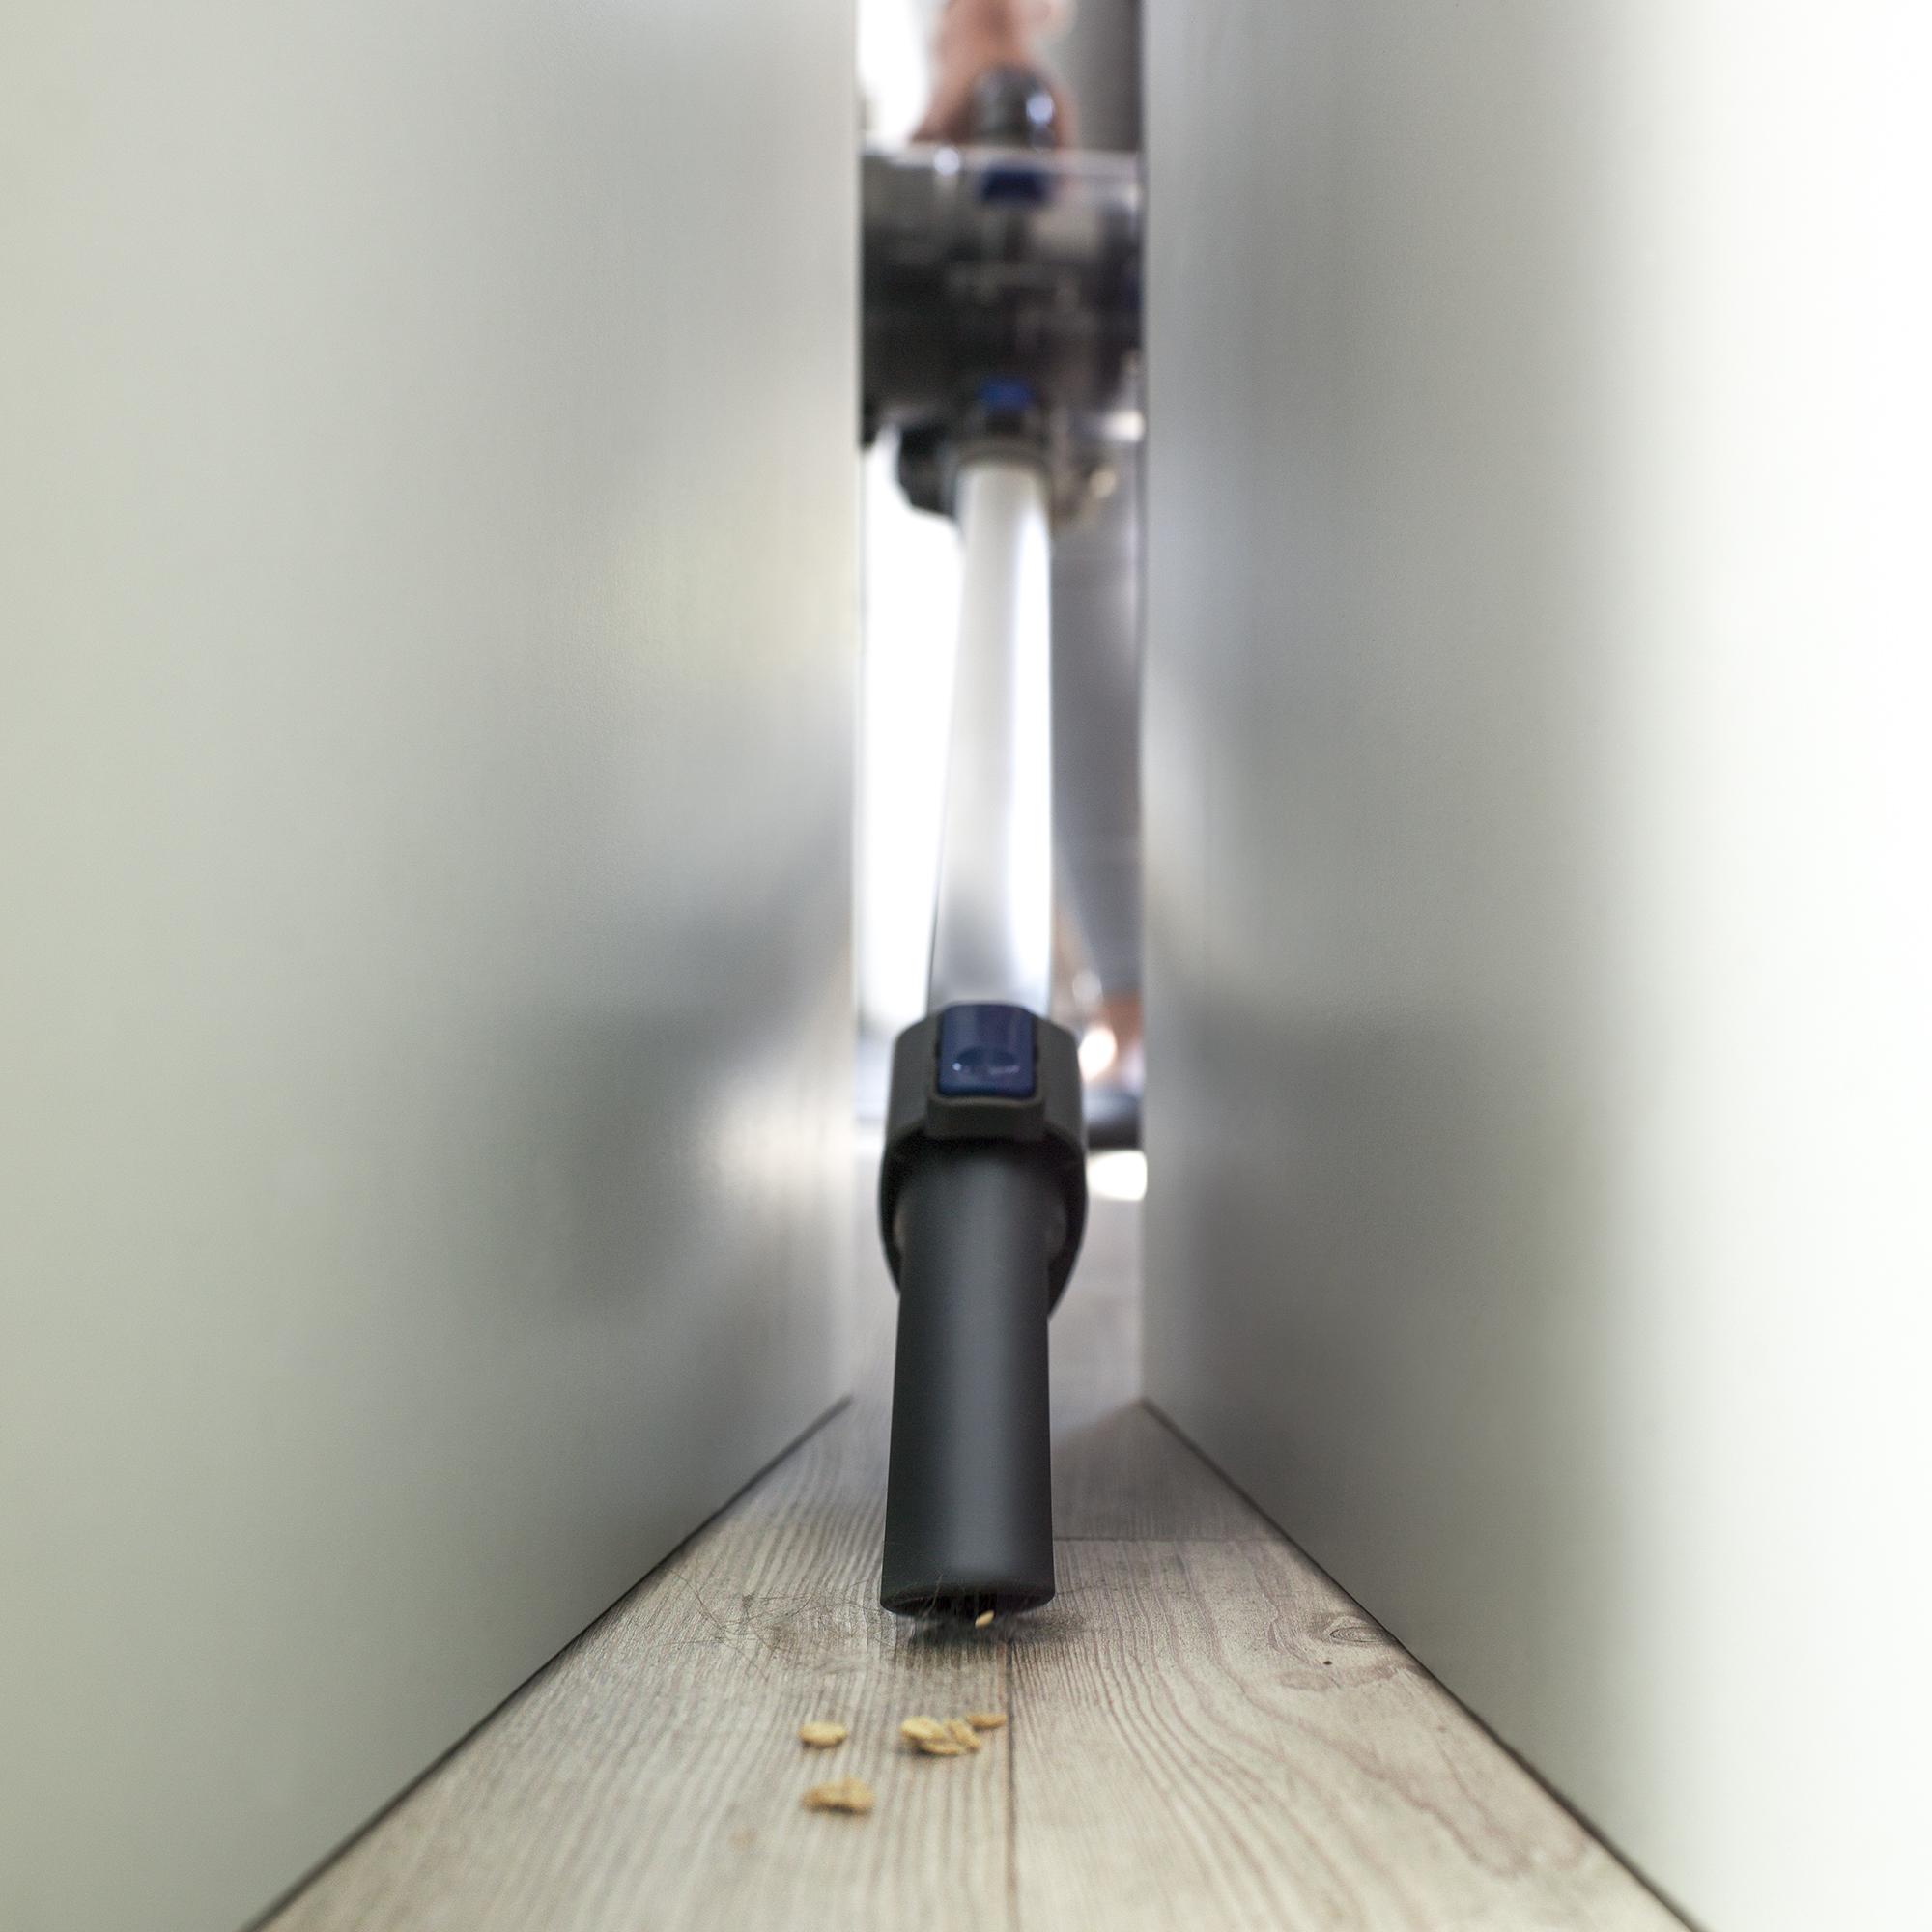 Details about Vax Blade 2 Cordless Vacuum Cleaner 32V 0.6L 4 Hour VBB2ASV1RB Refurbished (B)